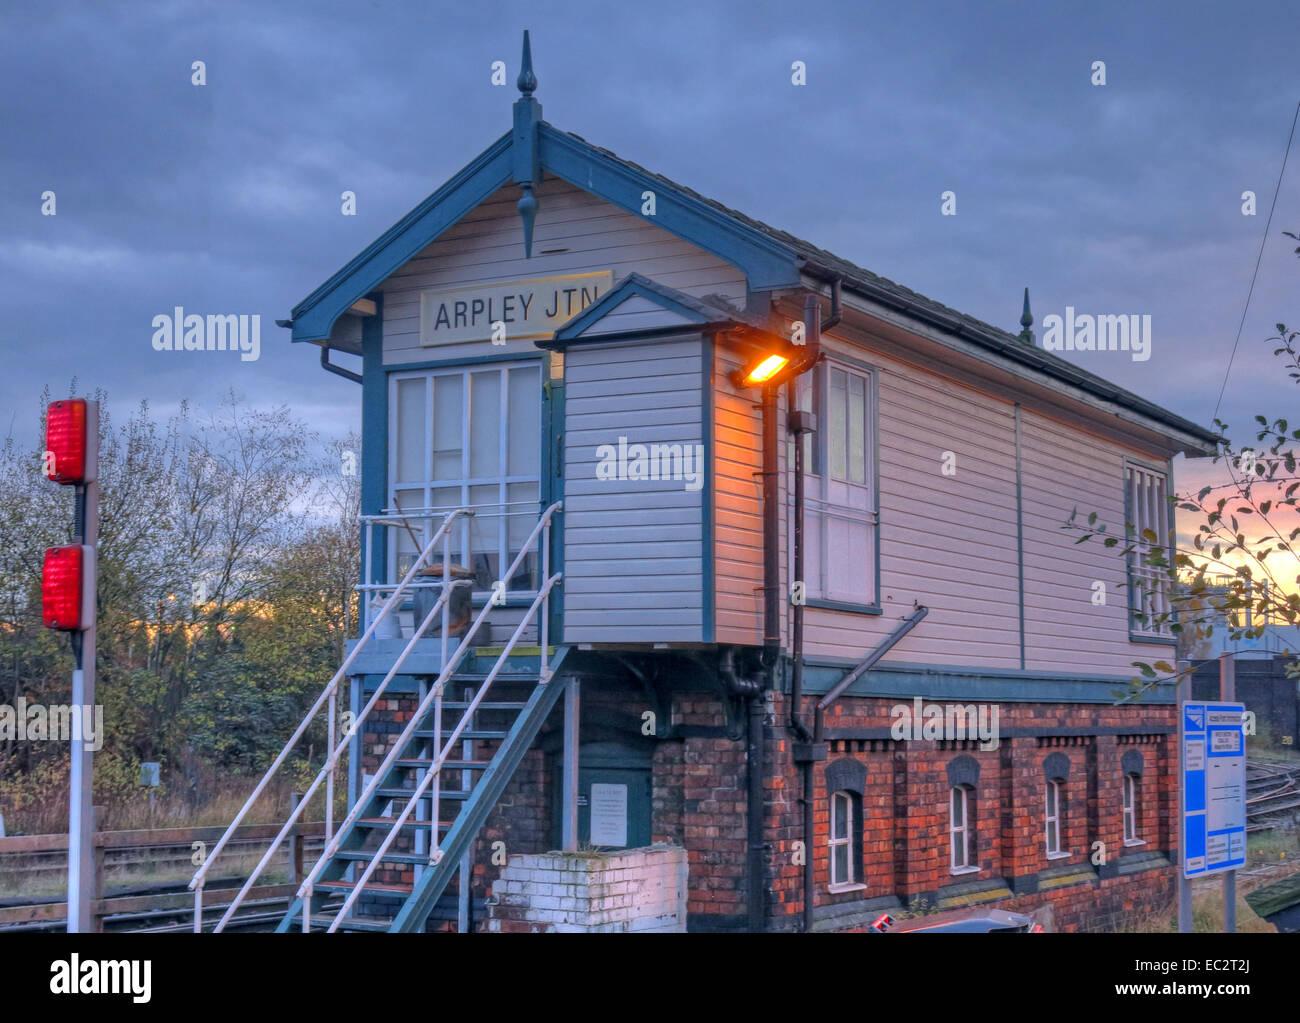 Laden Sie dieses Alamy Stockfoto Arpley Junction Stellwerks-, Warrington, Cheshire, England, Vereinigtes Königreich, in der Dämmerung - EC2T2J